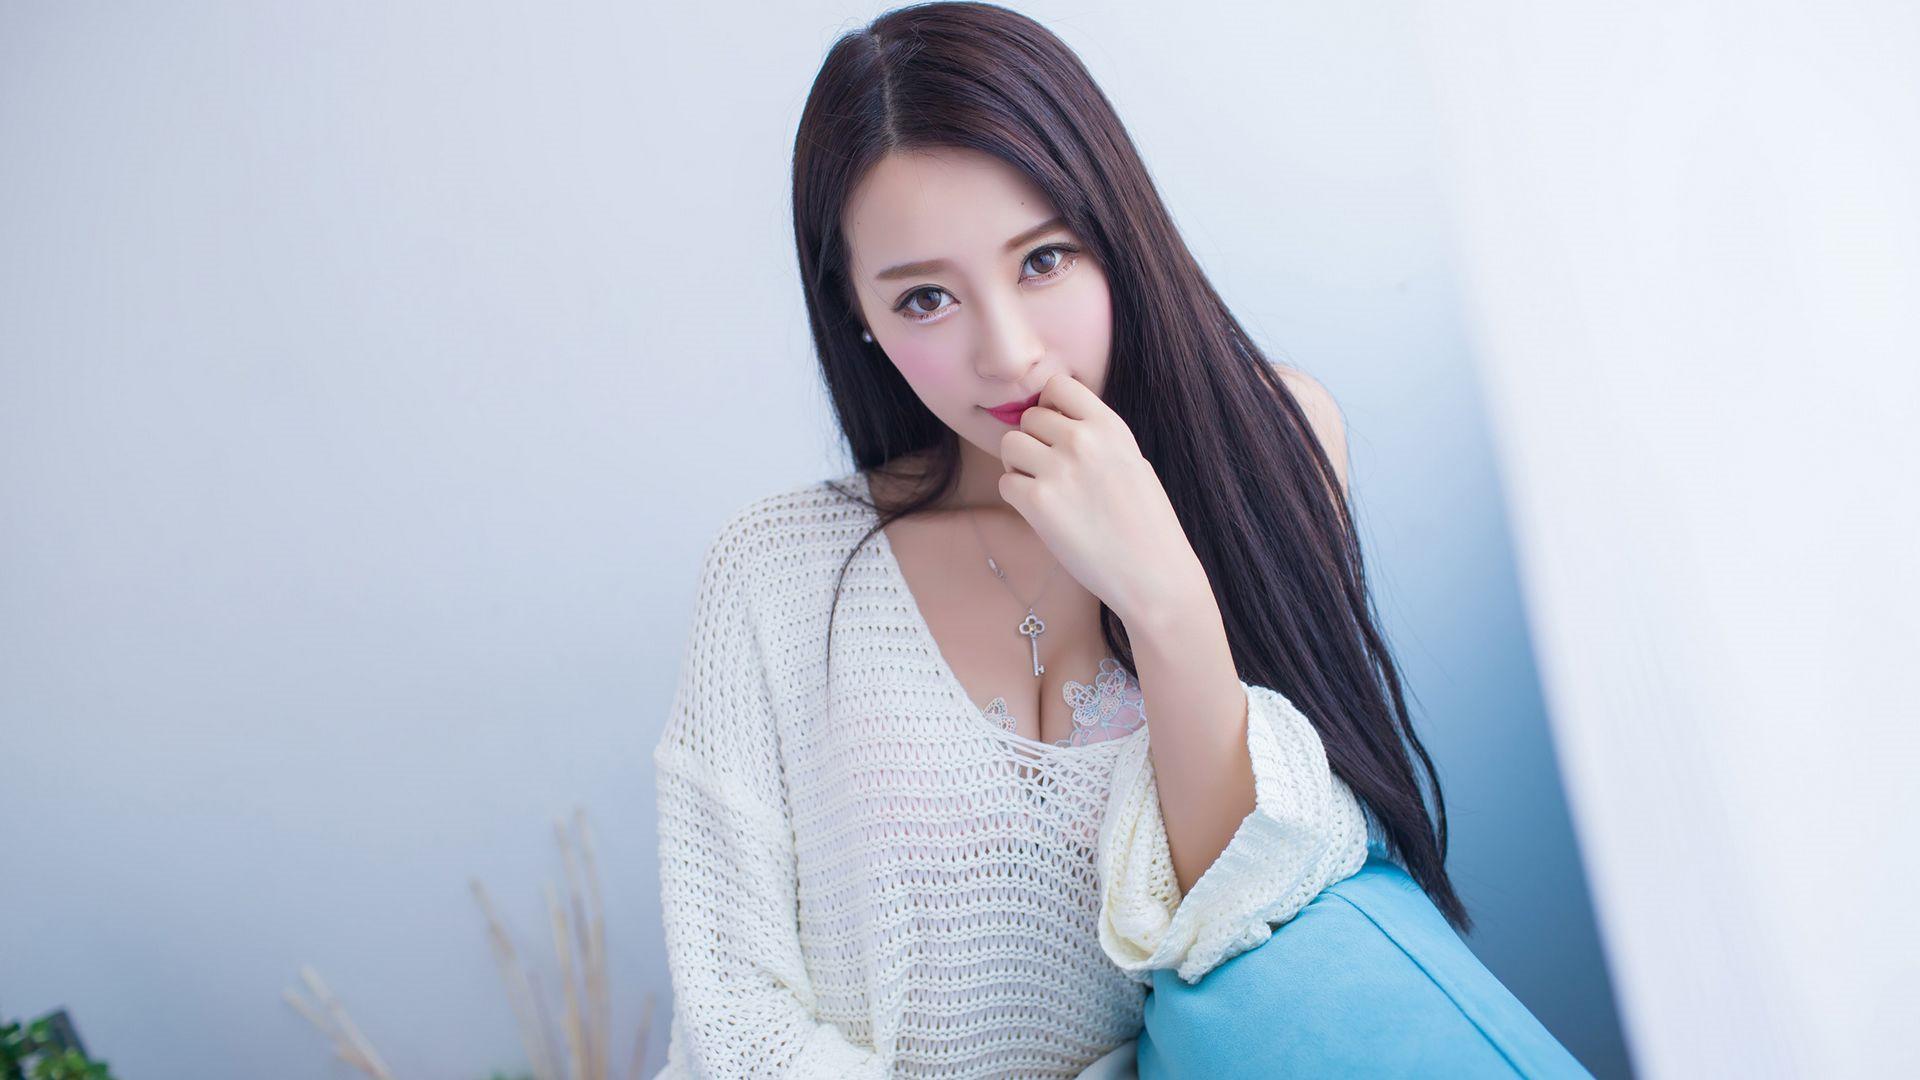 欢乐赢三张 APP苹果下载 【ybvip4187.com】-华南-广西自治-河池